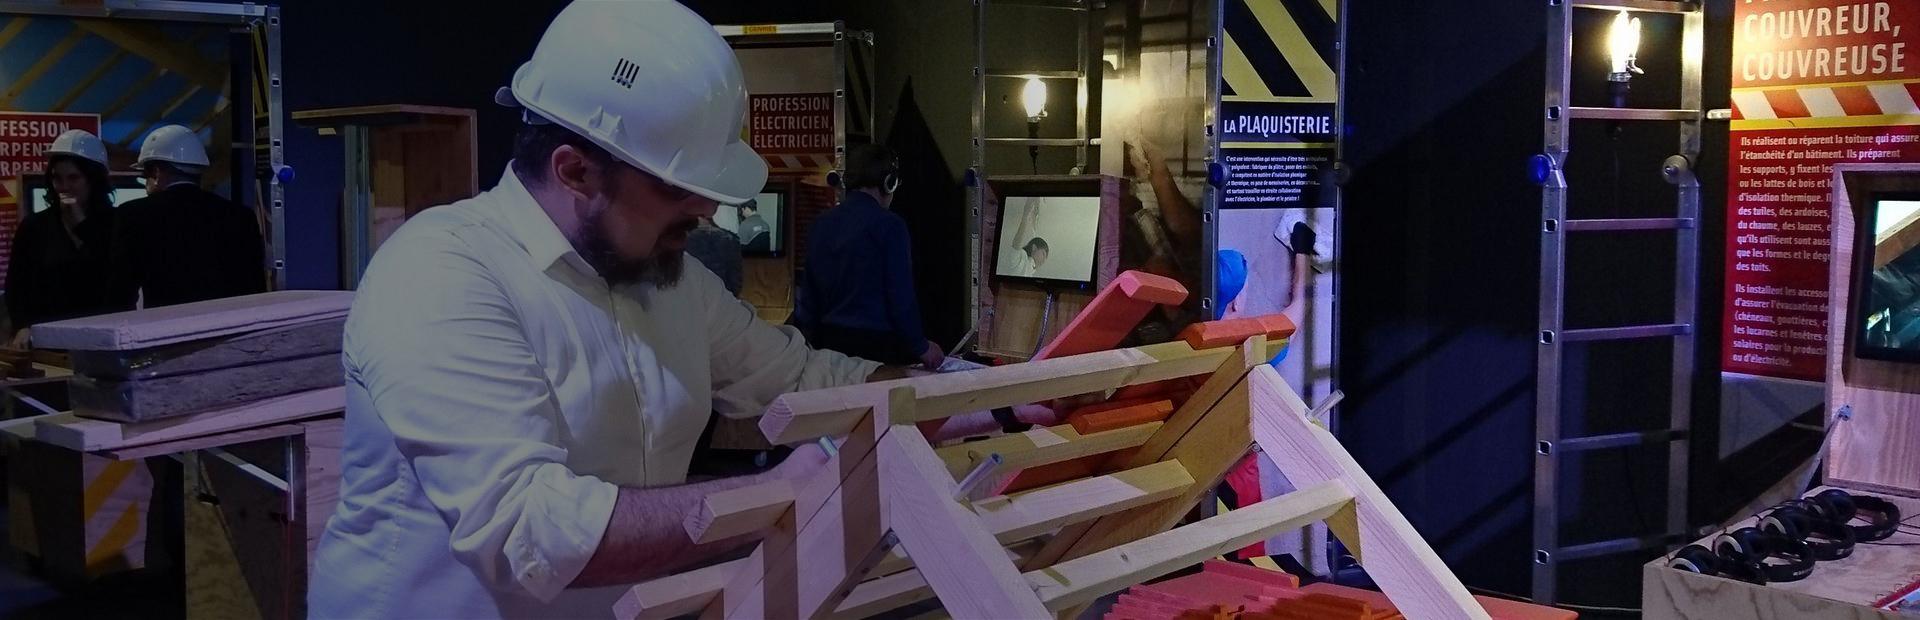 Devenir peintre en b timent acm permis de construire for Peintre en batiment